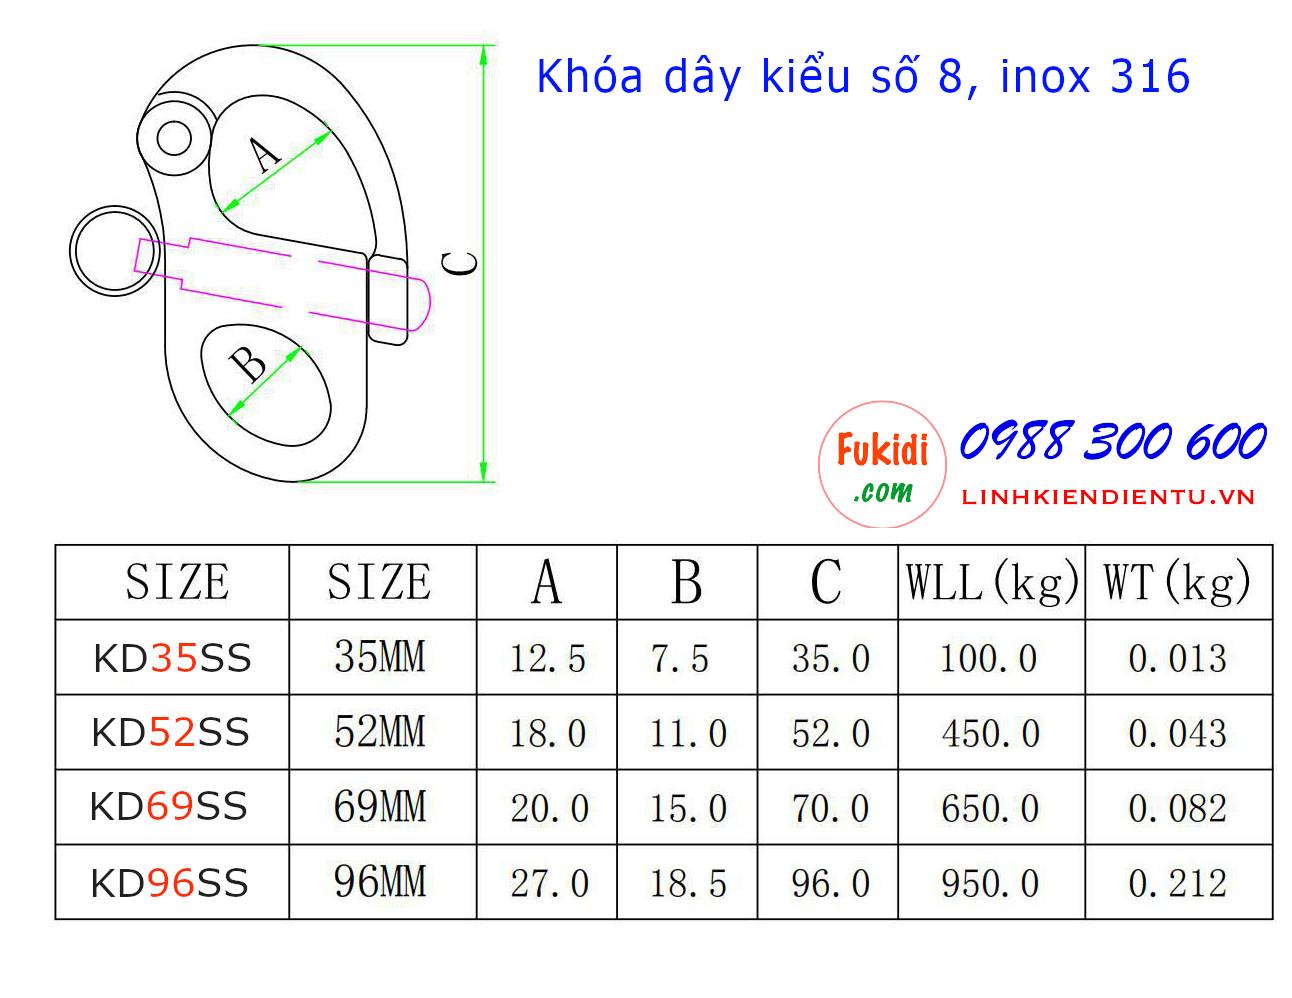 Móc khóa dây, móc nối dây xích inox 316 hình số 8 dài 69mm - KD69SS